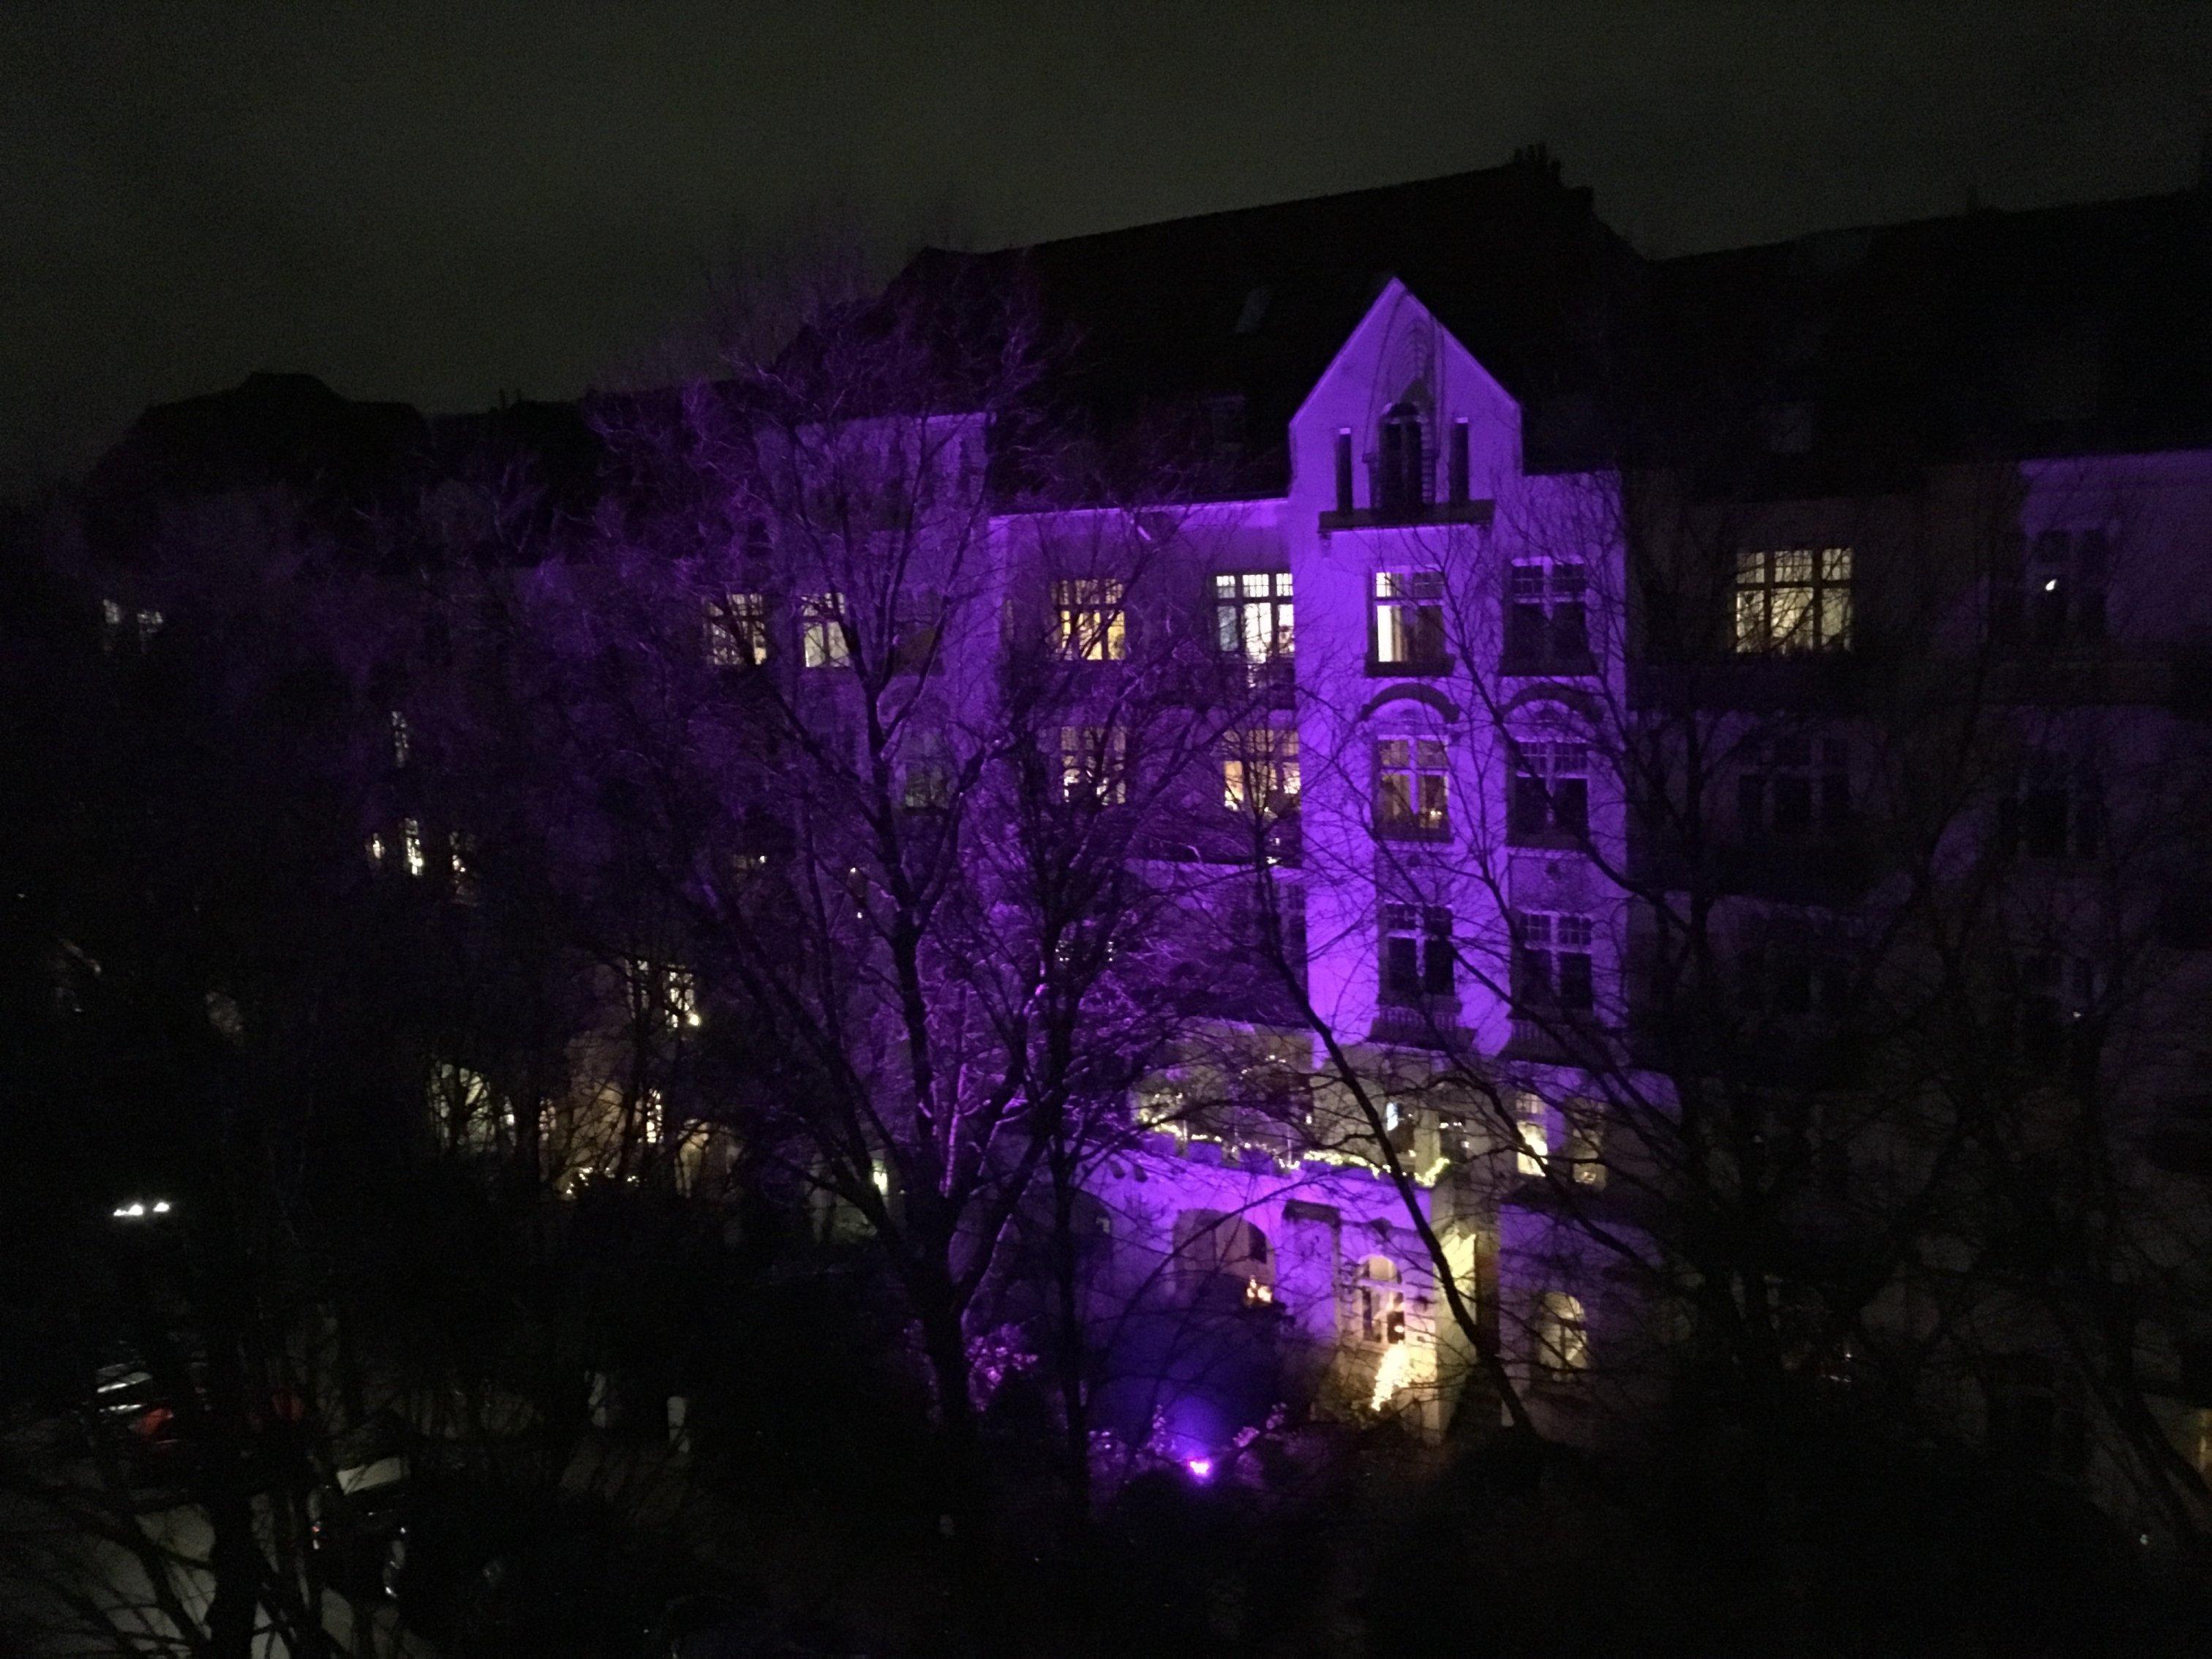 Beginnen wir unseren neuen Fotowettbewerb »Weihnachtliches Wettleuchten« mit einem Positivbeispiel. An diesem Haus in Eimsbüttel blinkt und funkelt nichts, sondern es ruht still und sanft – und gleichzeitig trendig eingefärbt in die Pantone-Farbe 2018, »Ultra-Violet«. Die Nachbarn gegenüber müssen zum Schlafen auch nicht die Fenster verhängen, denn die Beleuchtung wird ausgeschaltet, bevor die noch das erste Mal so richtig gegähnt haben. Vorbildlich!